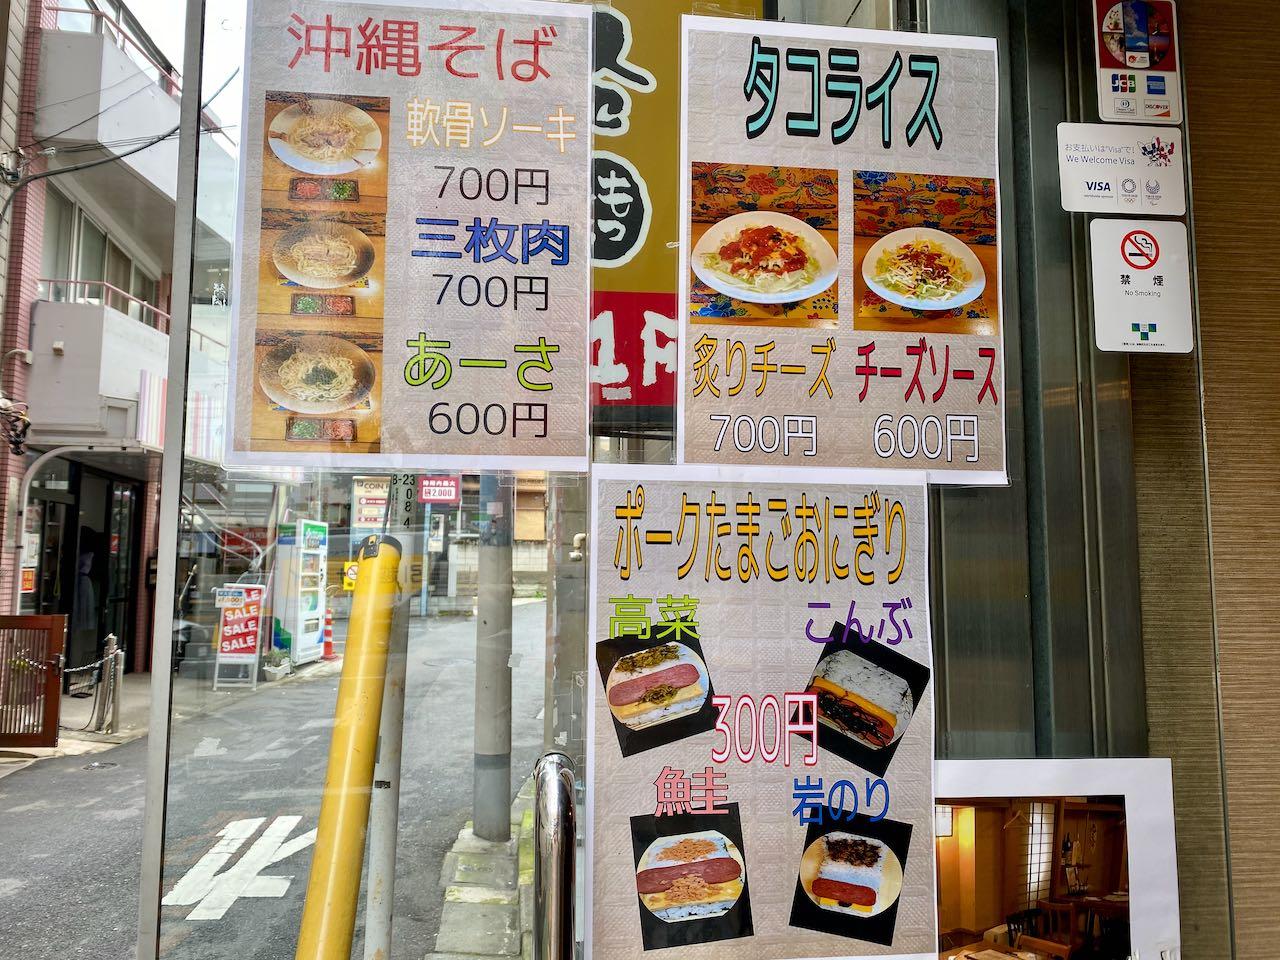 メニュー 沖縄そば・琉球ジャイアン(高田馬場新聞)